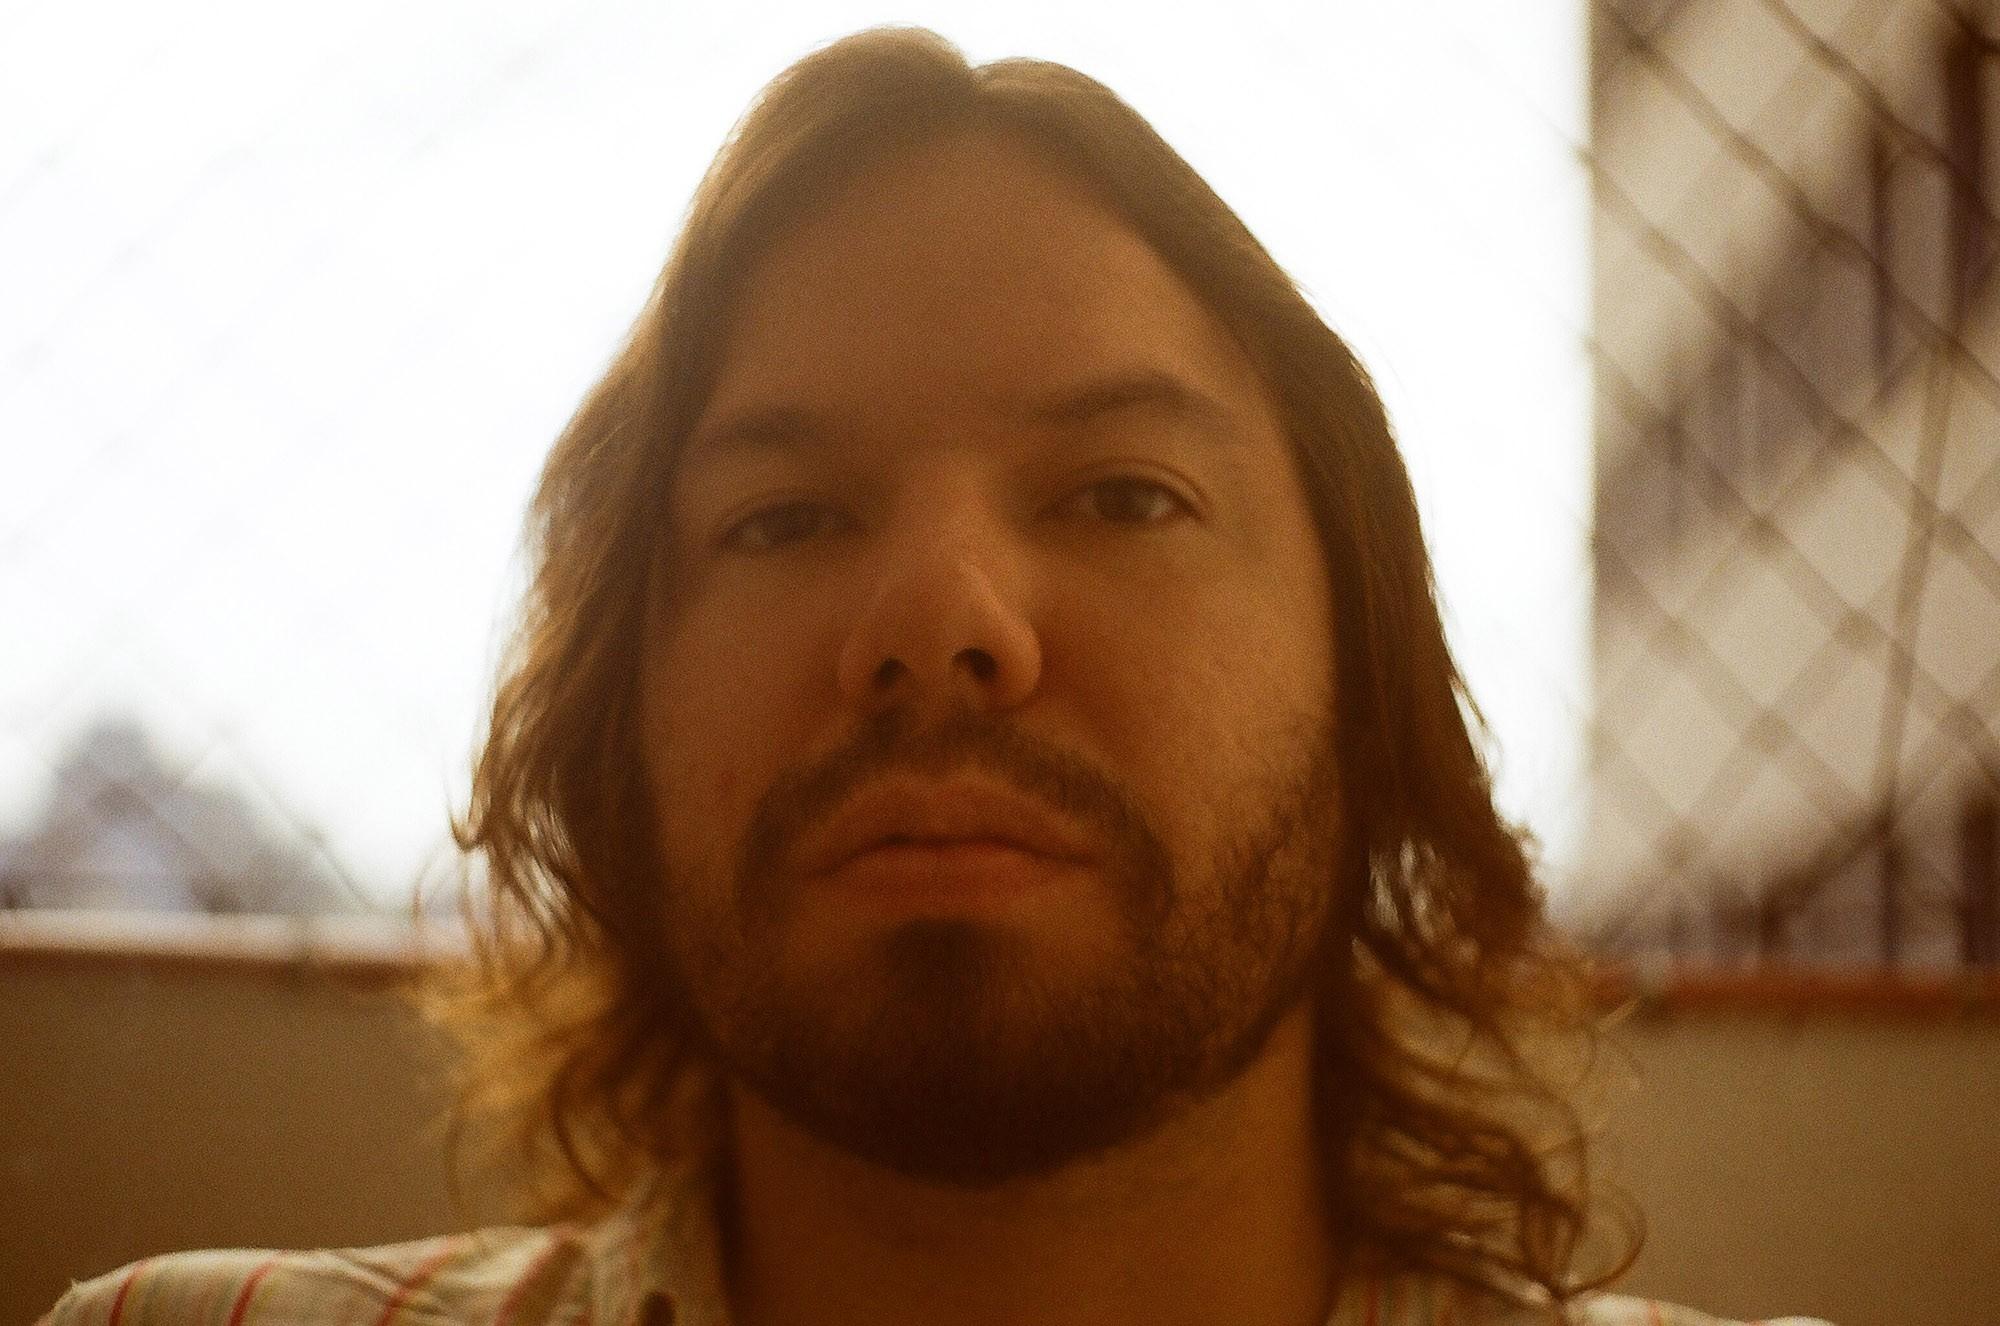 Teago Oliveira, voz da banda Maglore, ecoa influências da MPB dos anos 1970 no primeiro álbum solo - Notícias - Plantão Diário